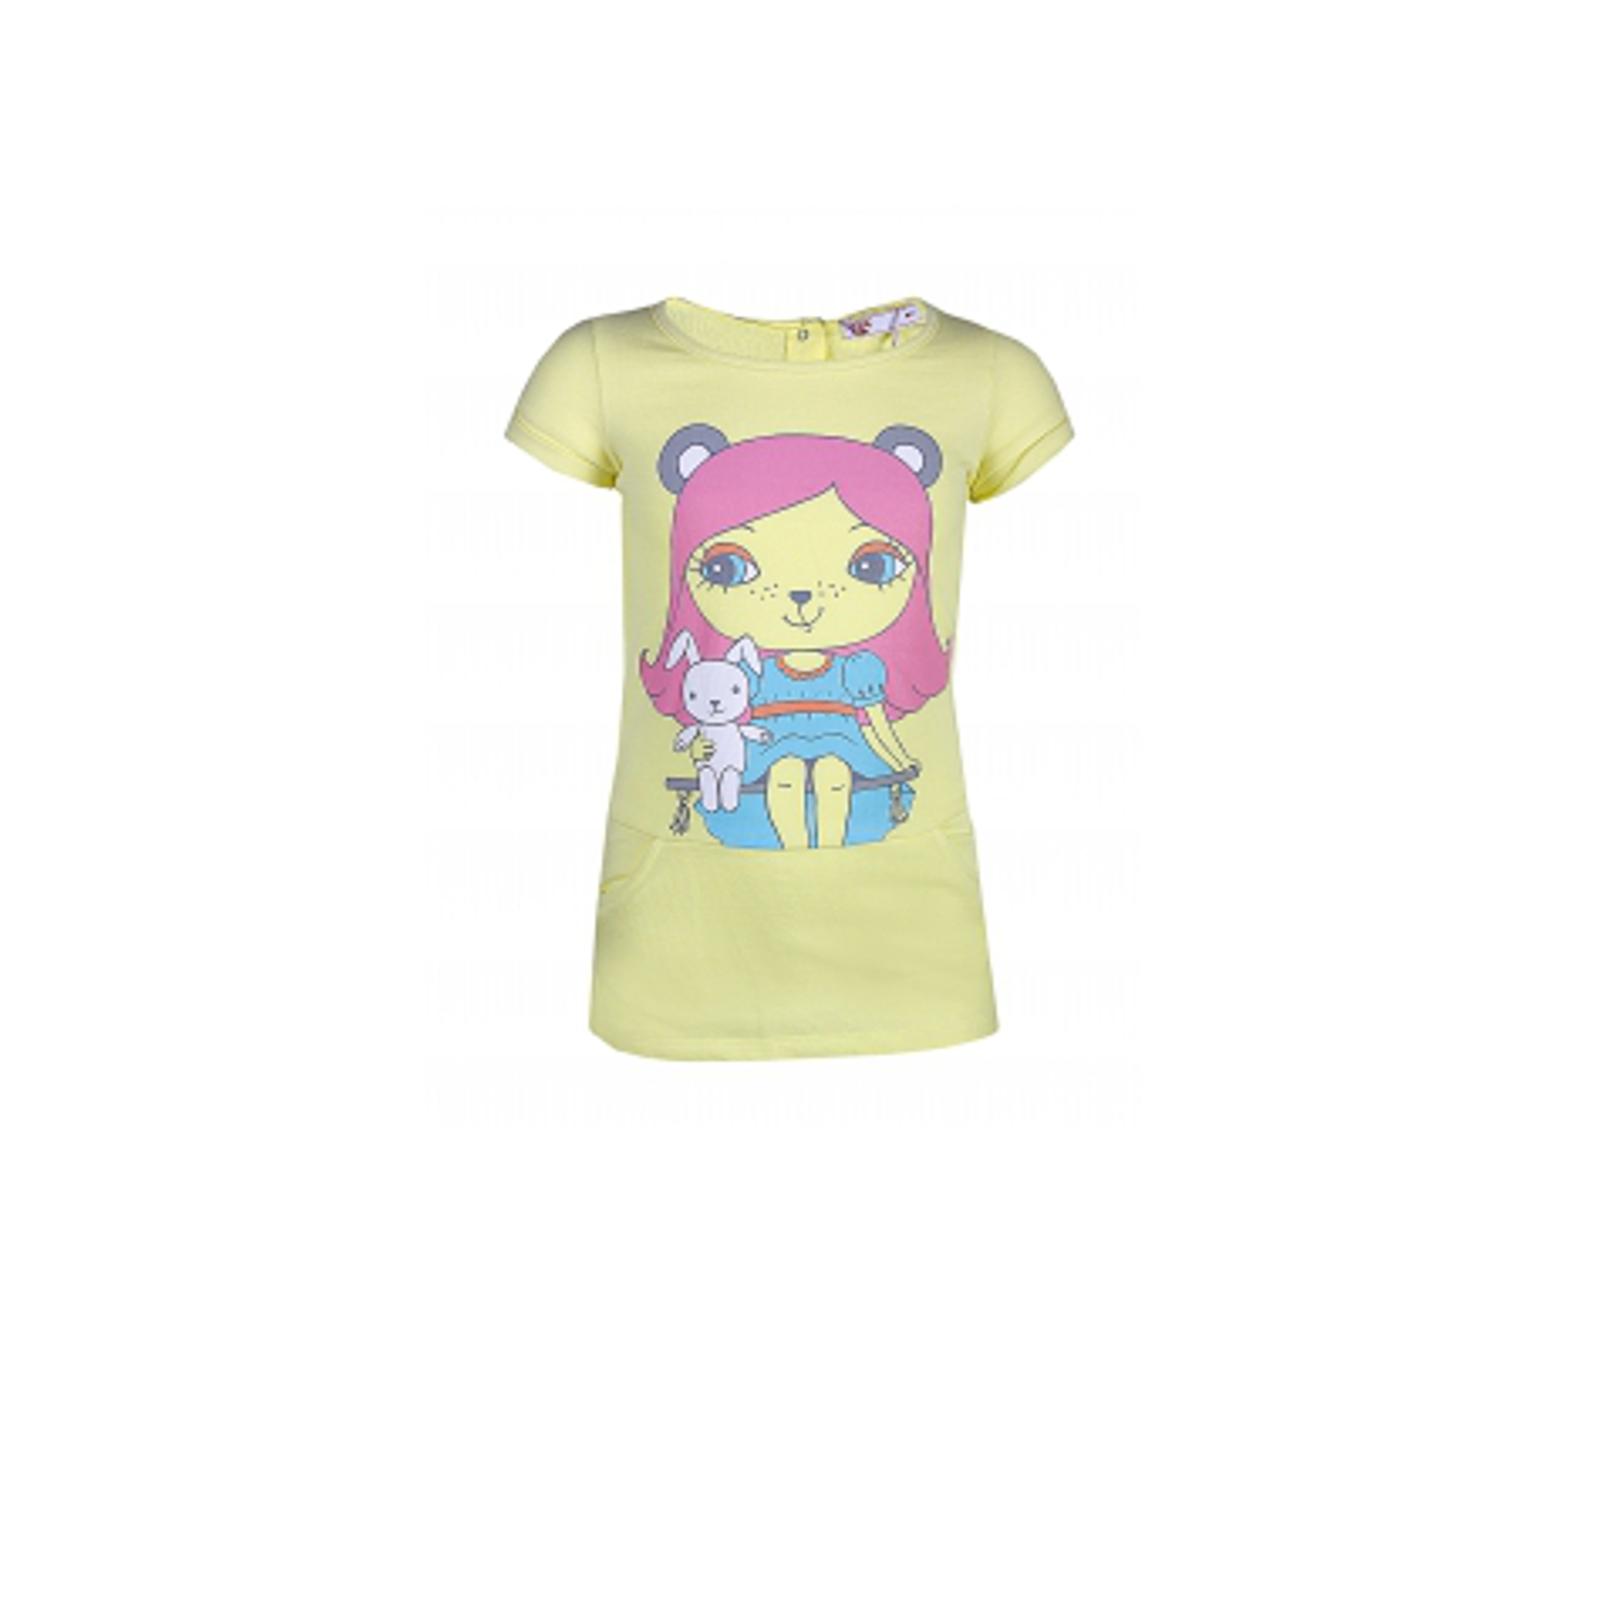 Платье для девочек FOX, цвет светло-желтый 12-18 мес.